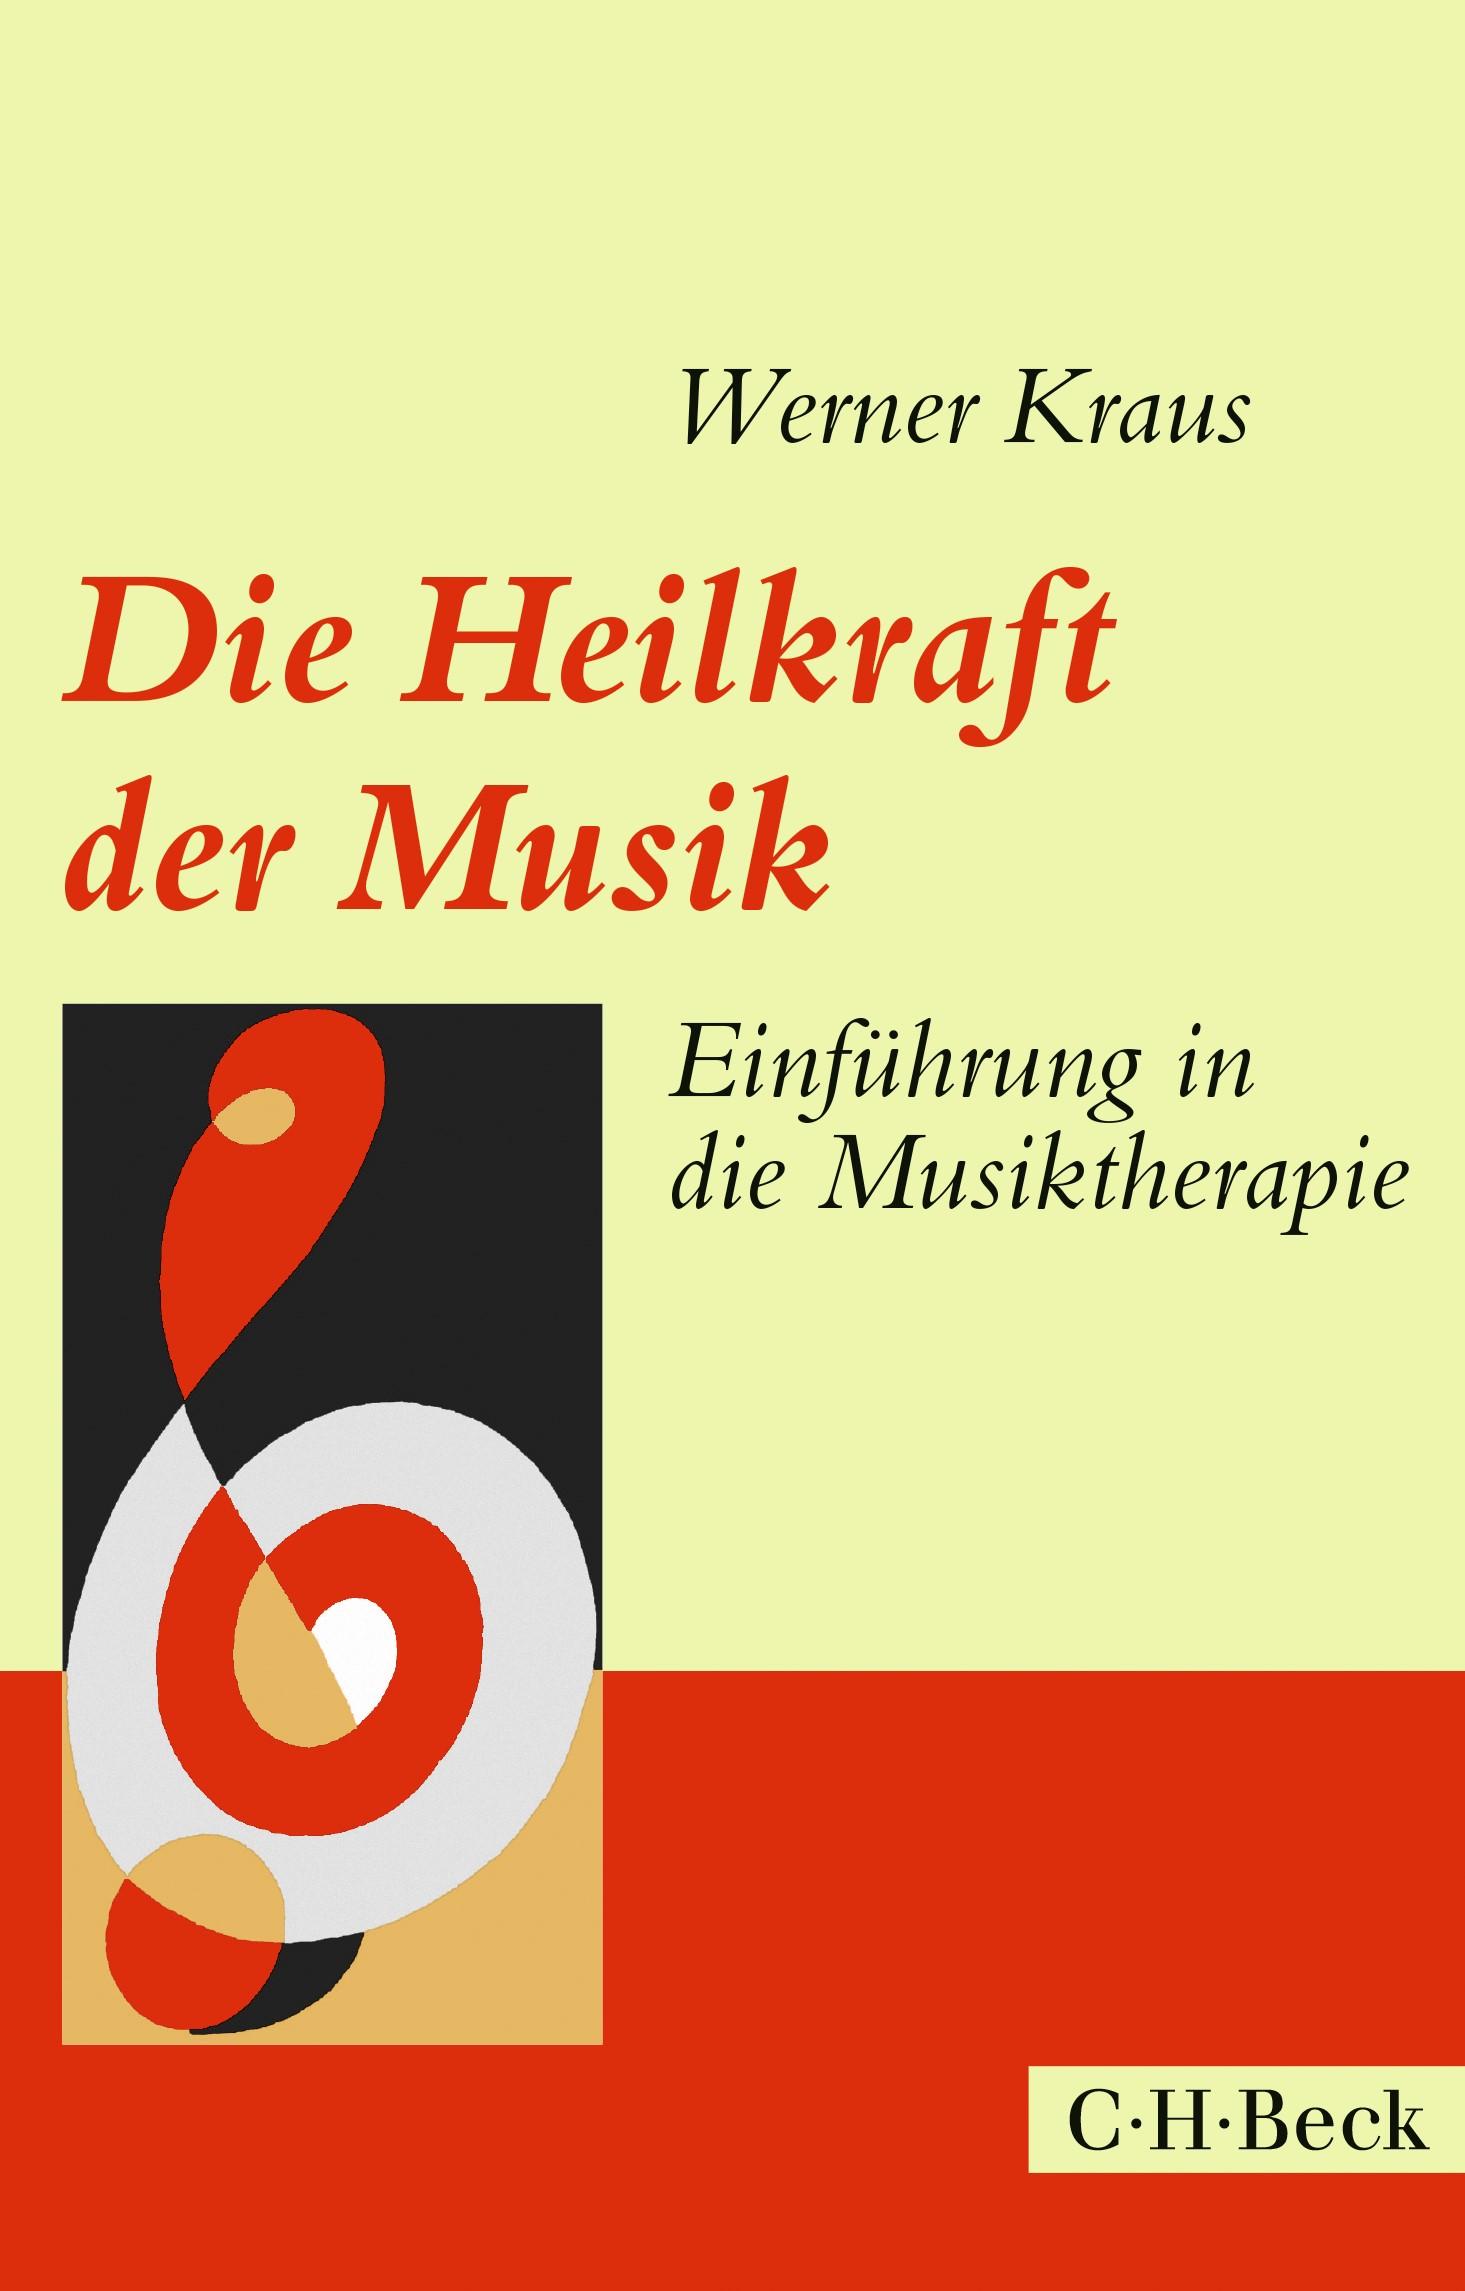 Die Heilkraft der Musik | Kraus, Werner | 4. Auflage, 2018 | Buch (Cover)